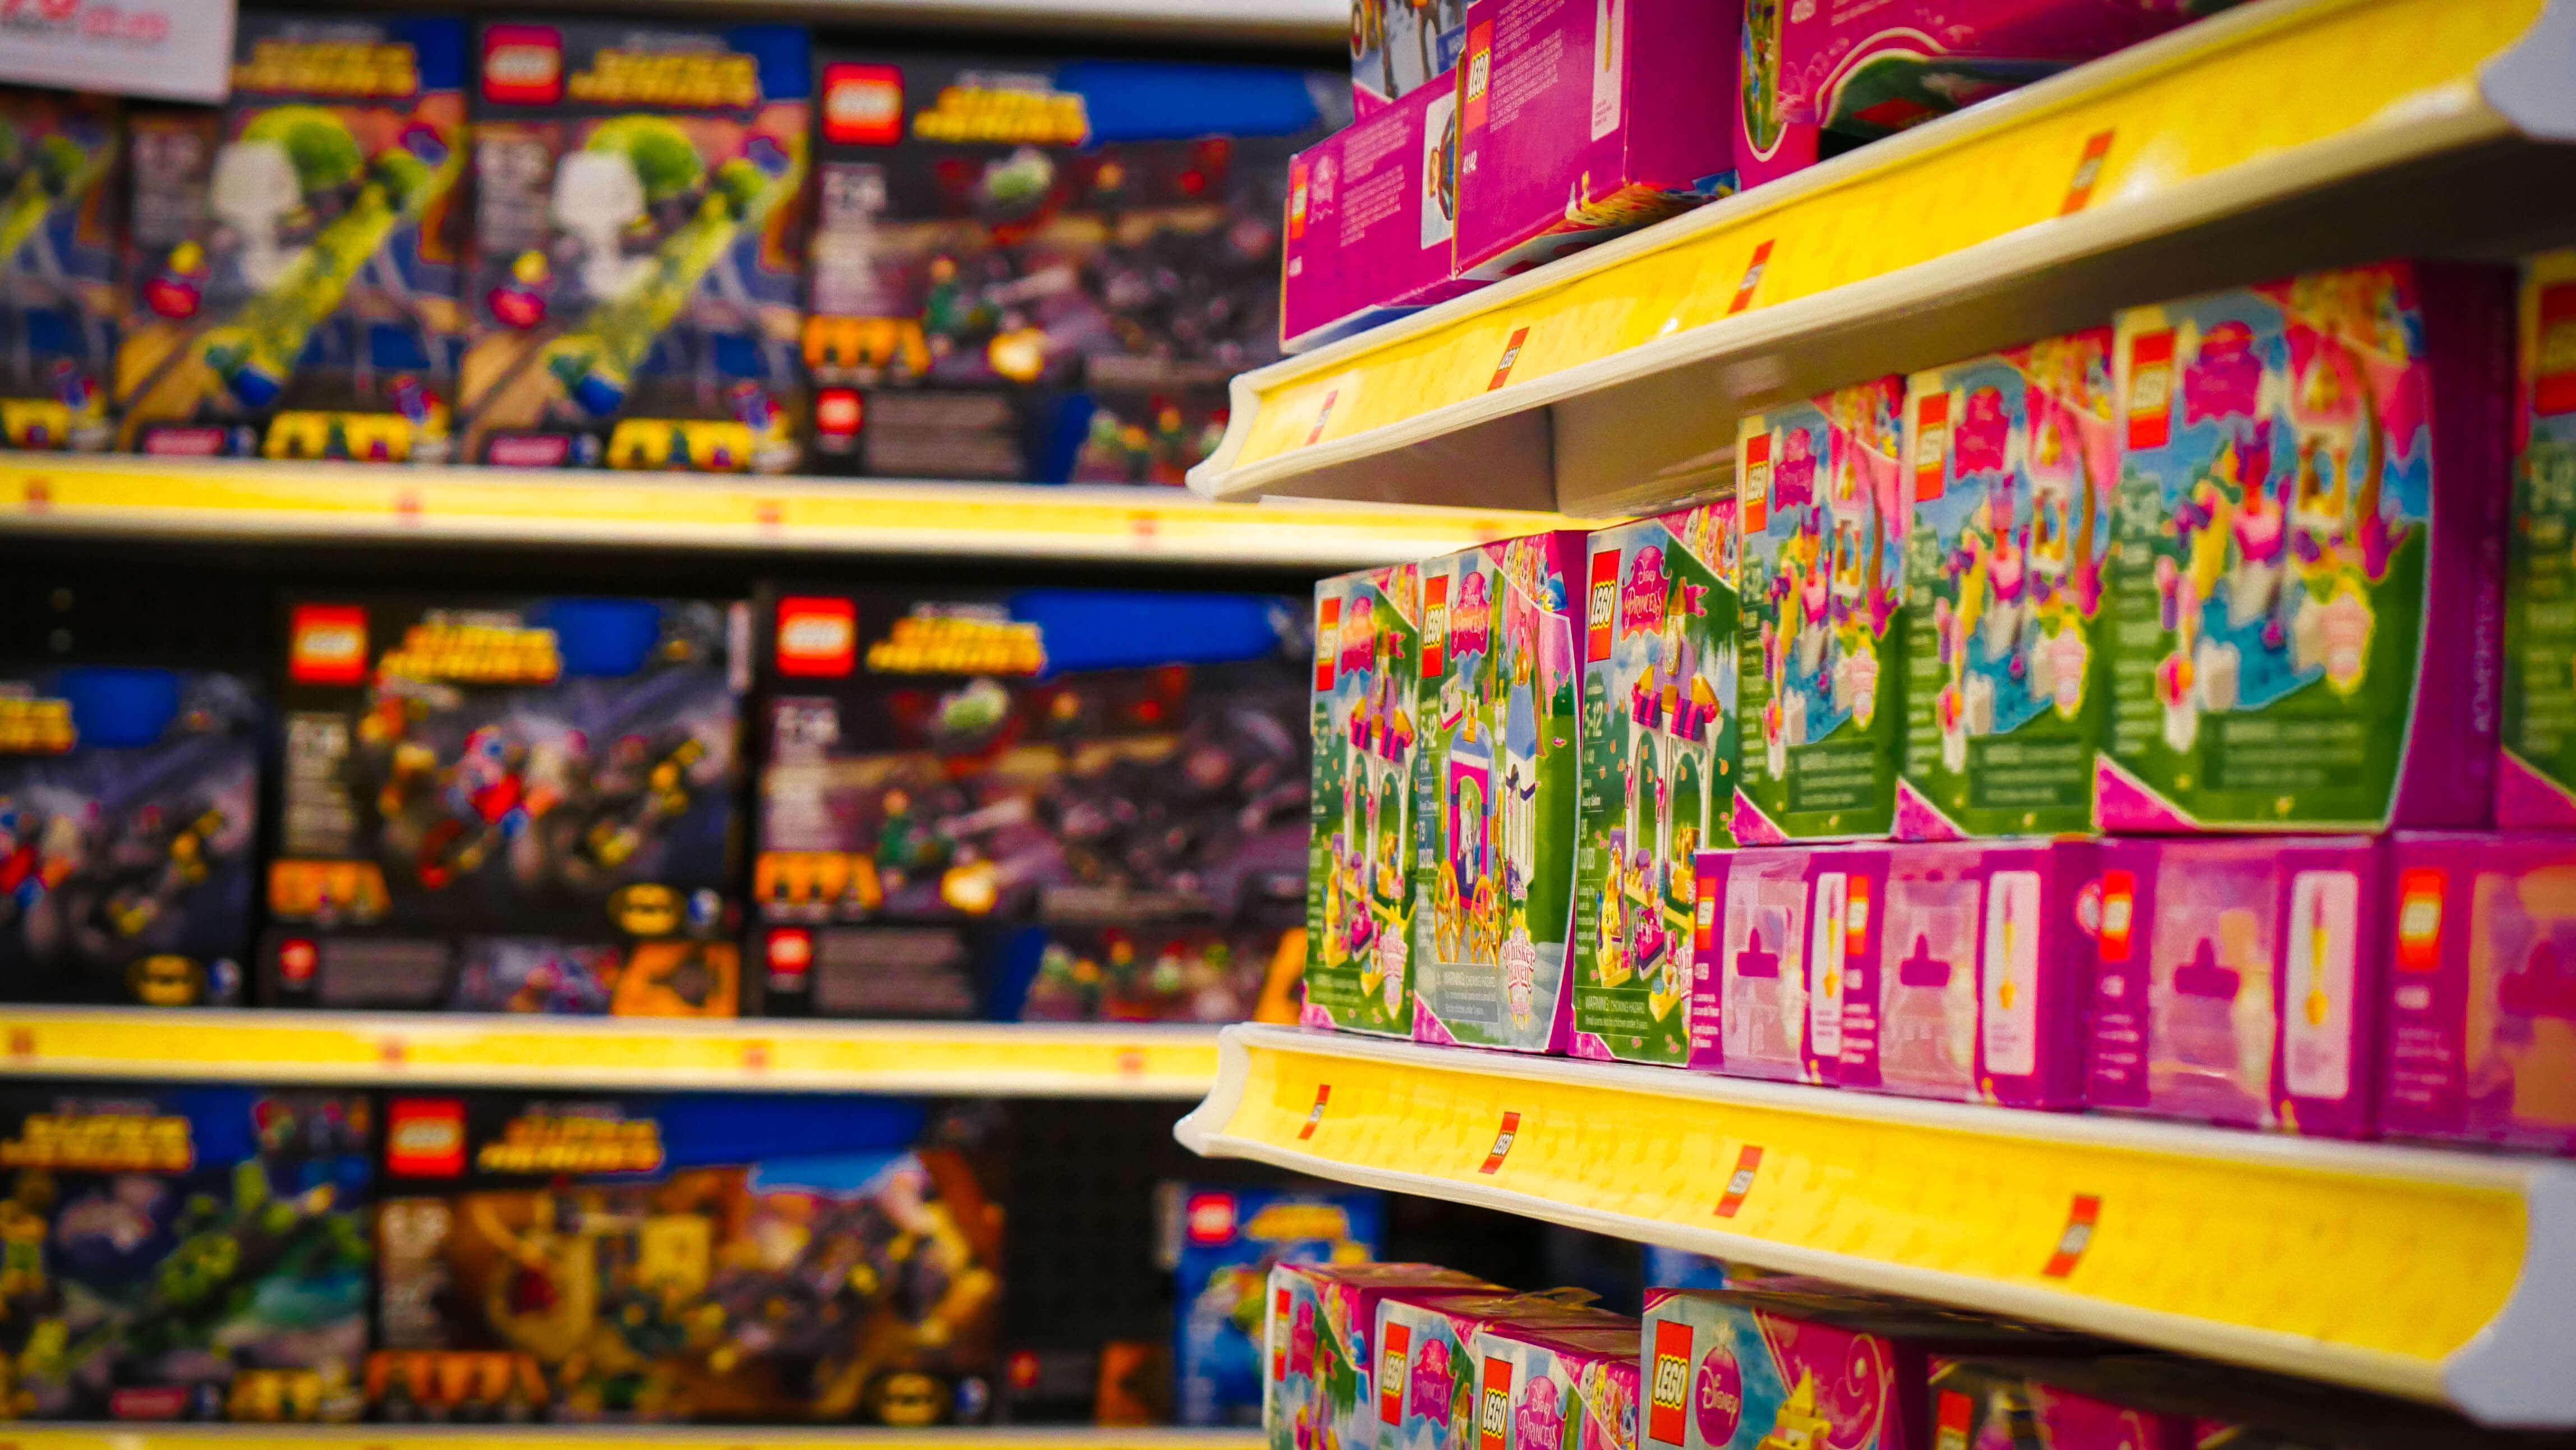 Las ventas de juguetes al exterior registraron un incremento del 20,33 por ciento en el mes de agosto.